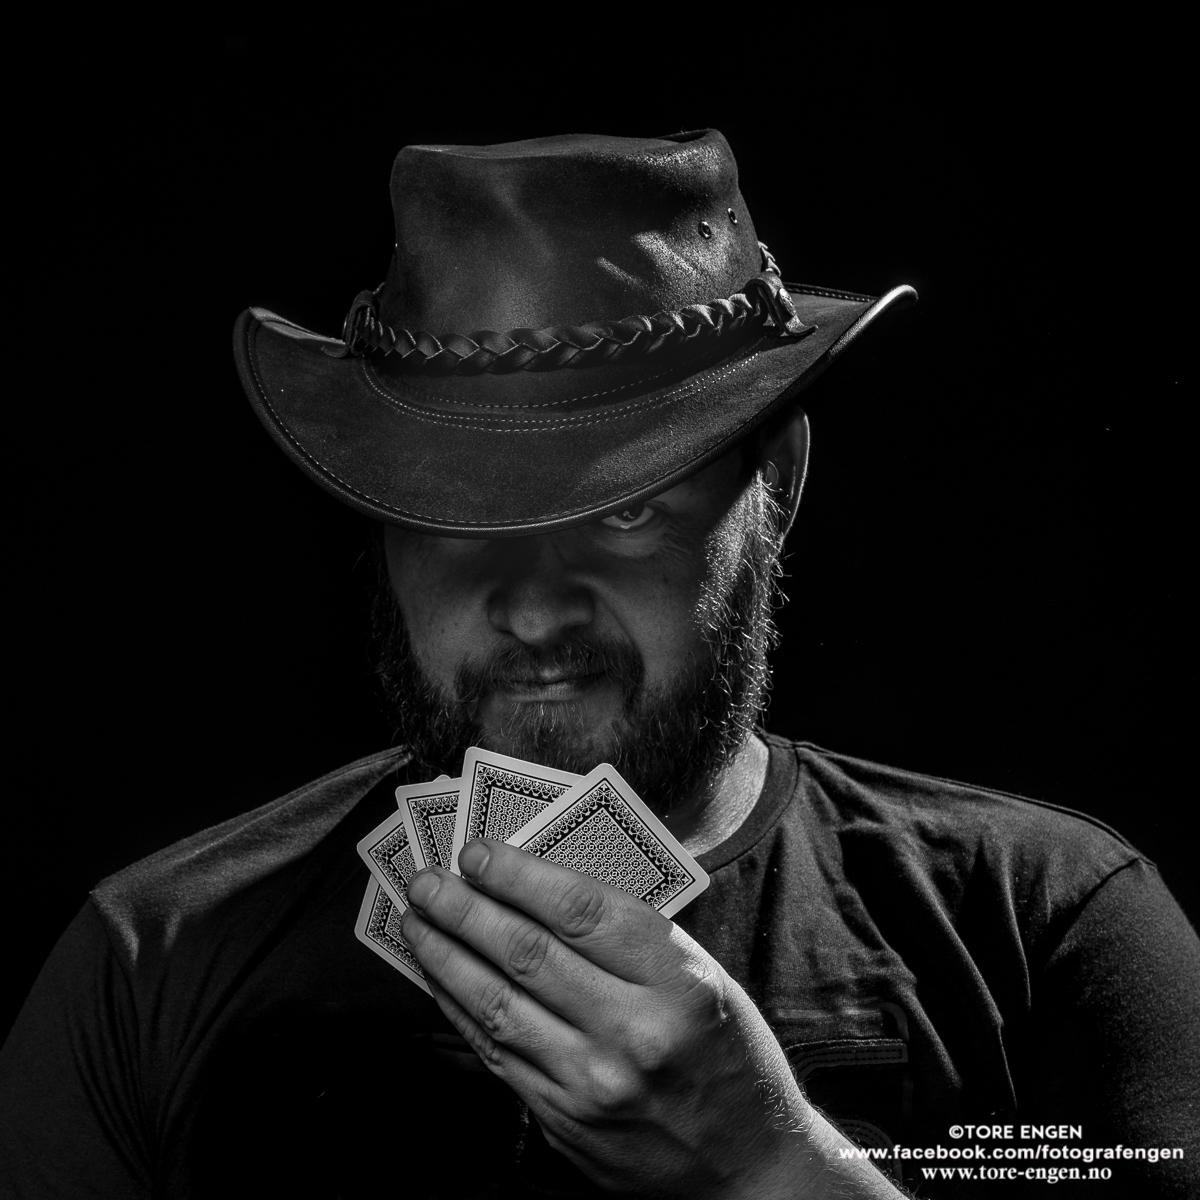 Arrangert portrett med kortspill som tema